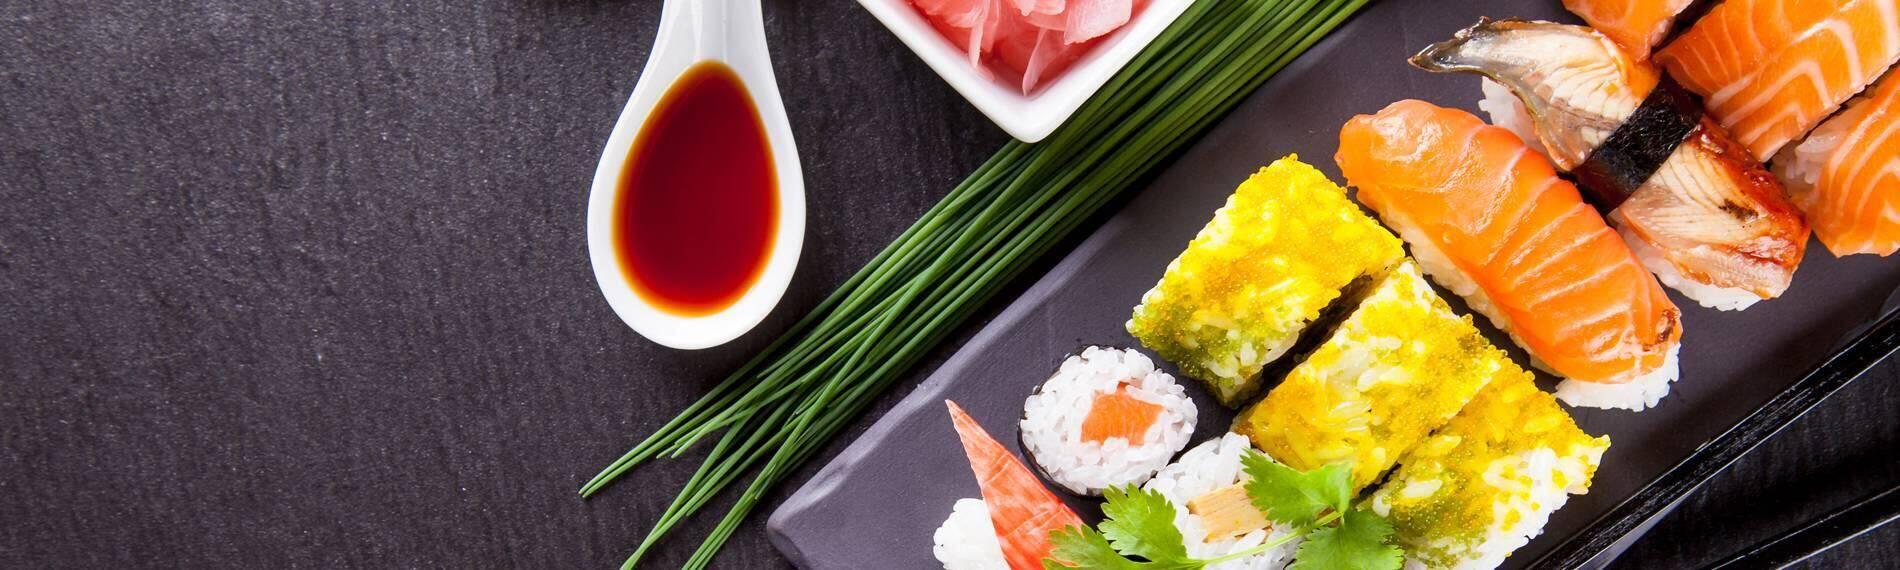 main-bg-sushi-boom-1